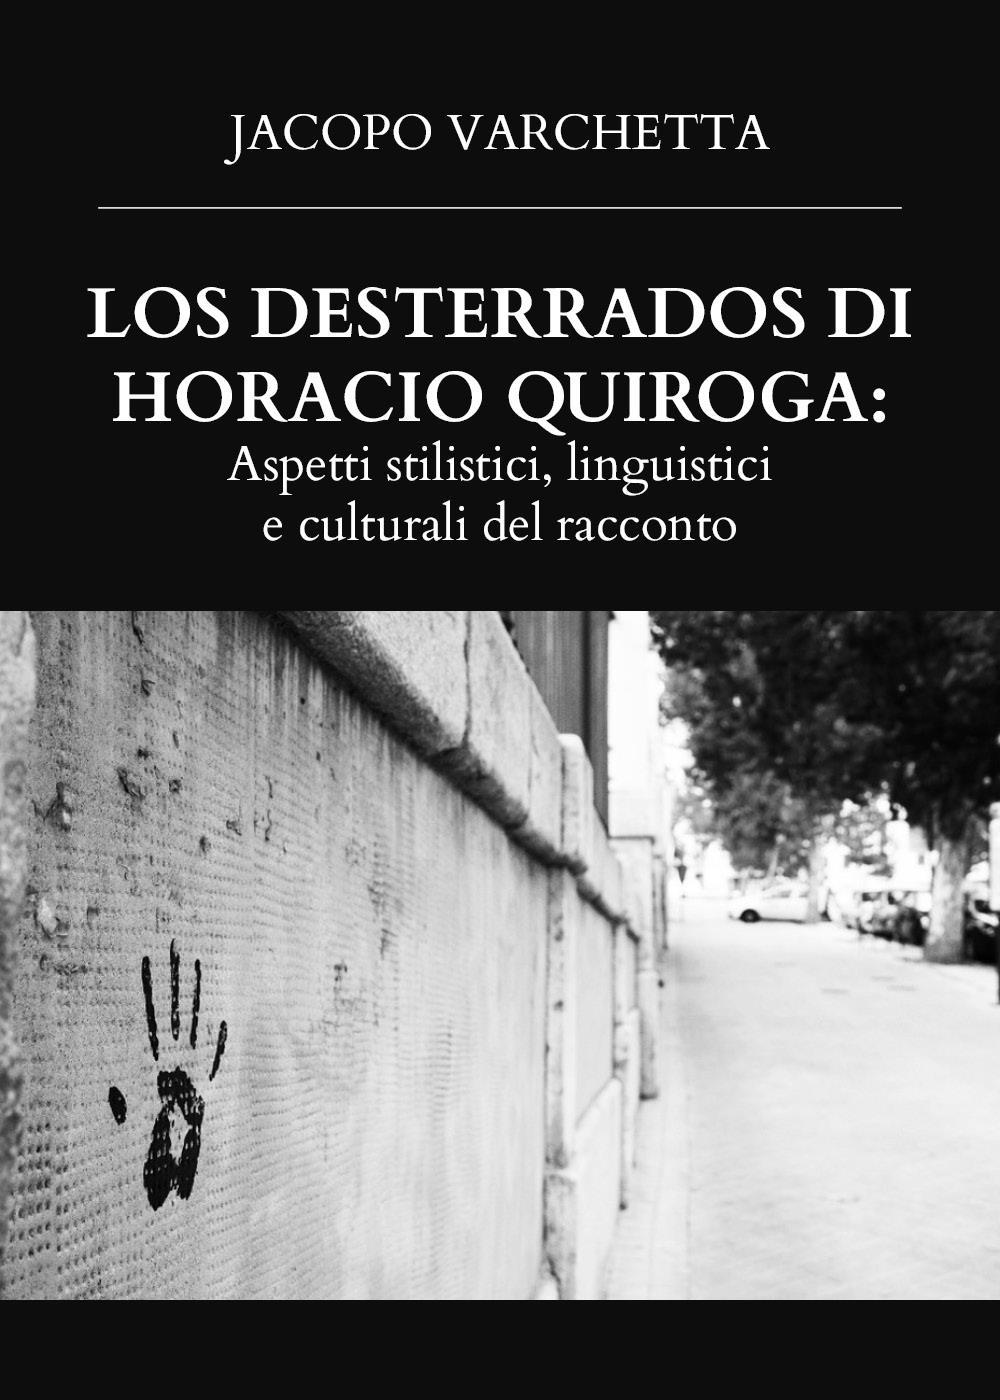 LOS DESTERRADOS DI HORACIO QUIROGA: ASPETTI STILISTICI, LINGUISTICI E CULTURALI DEL RACCONTO